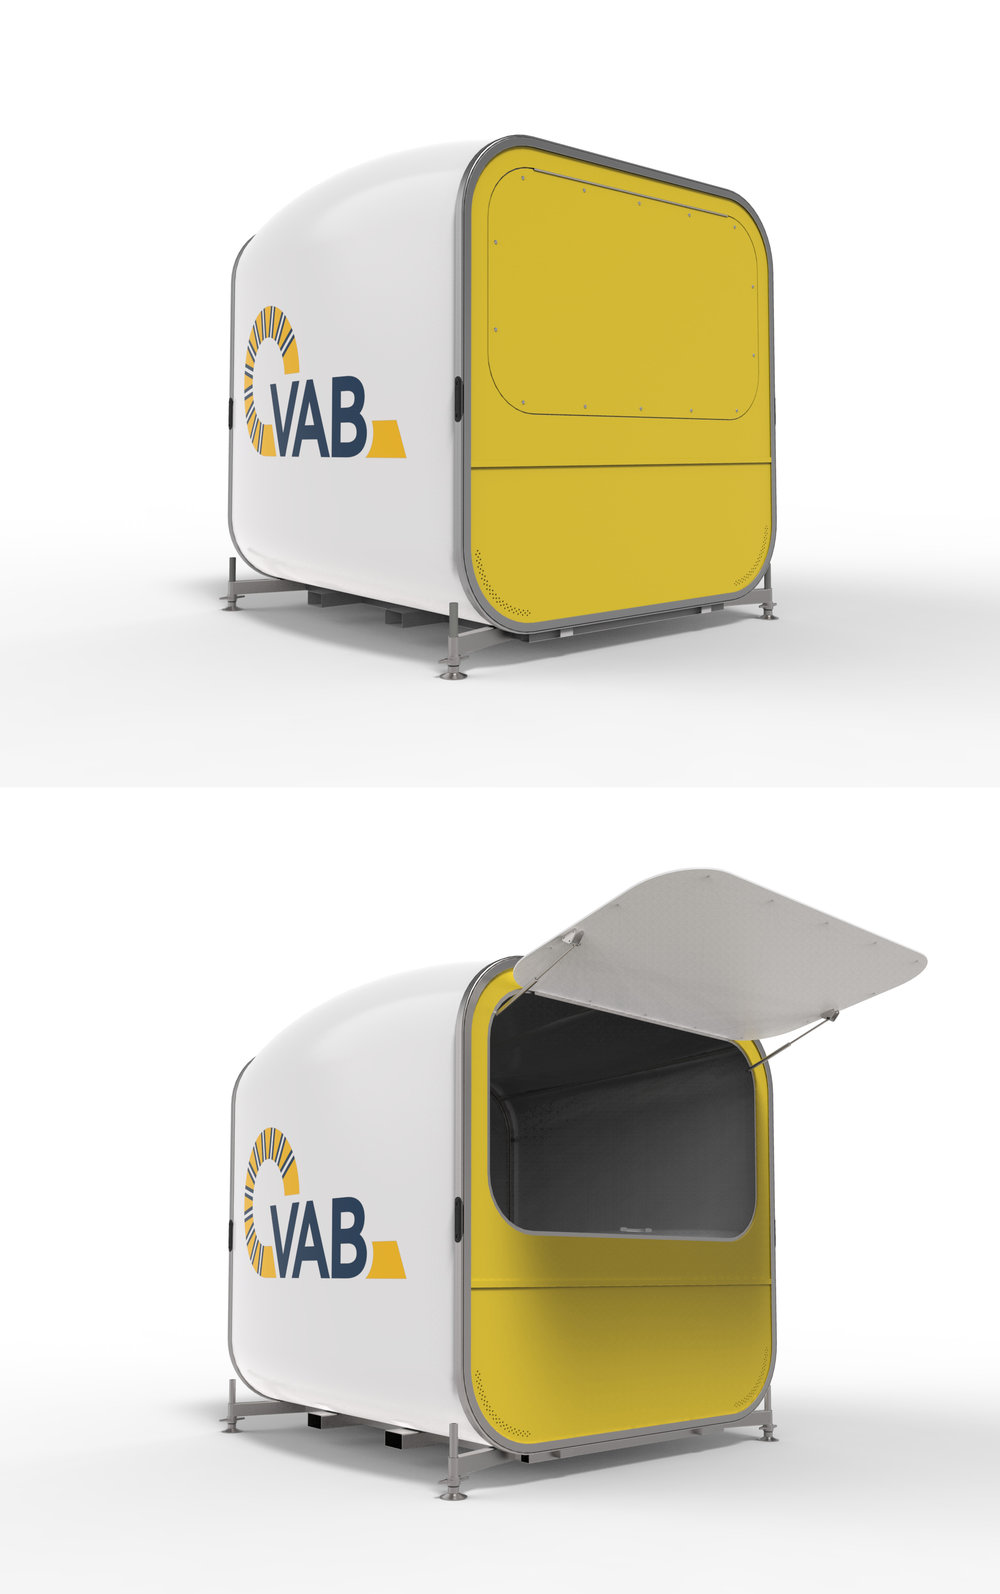 VAB._render put together.jpg